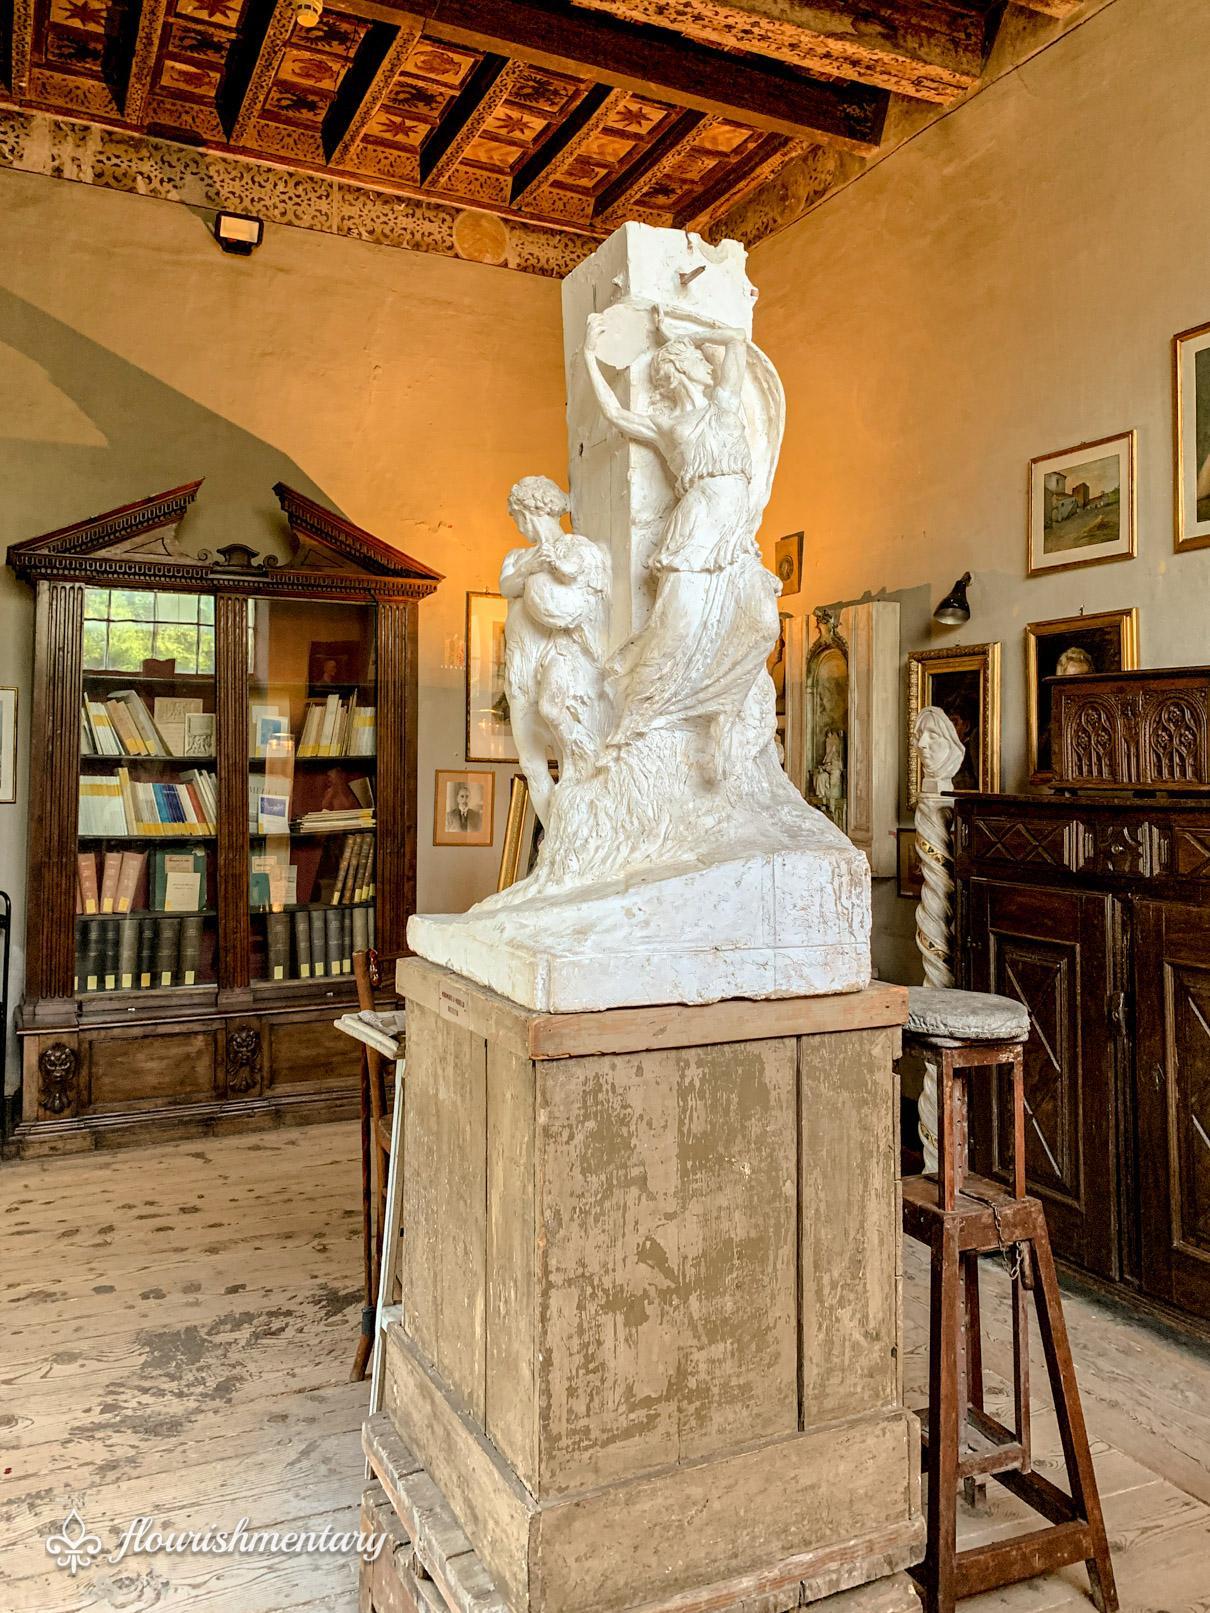 Museo Pietro Canonica statue Villa Borghese gardens